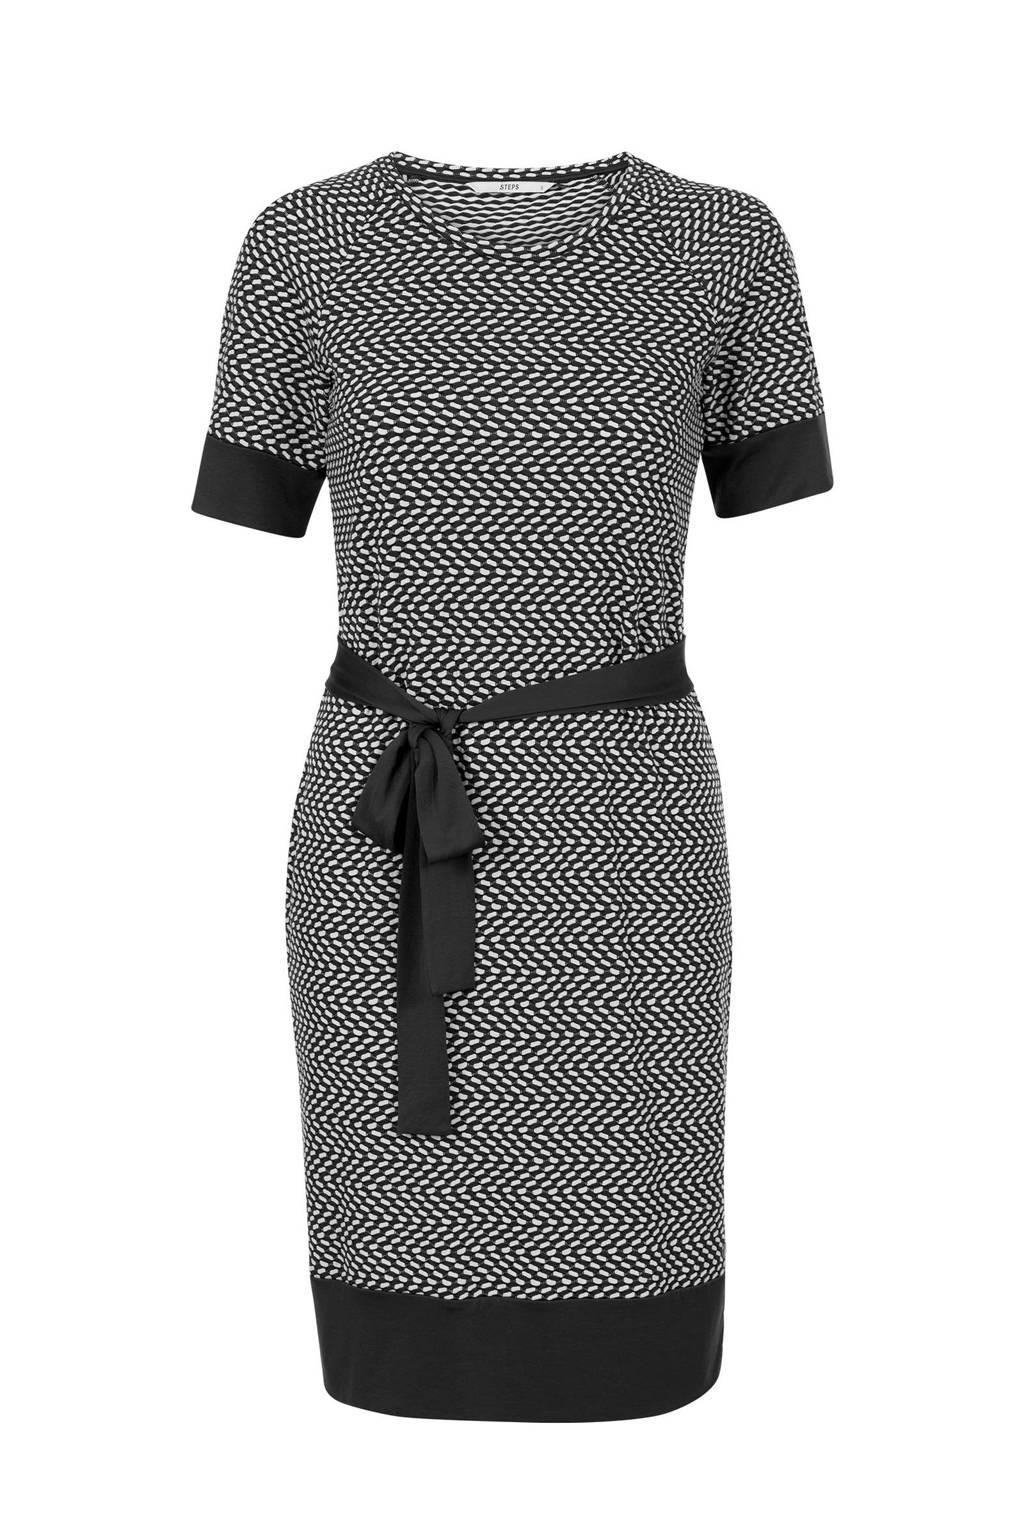 Steps jurk met all over print zwart, Zwart/wit